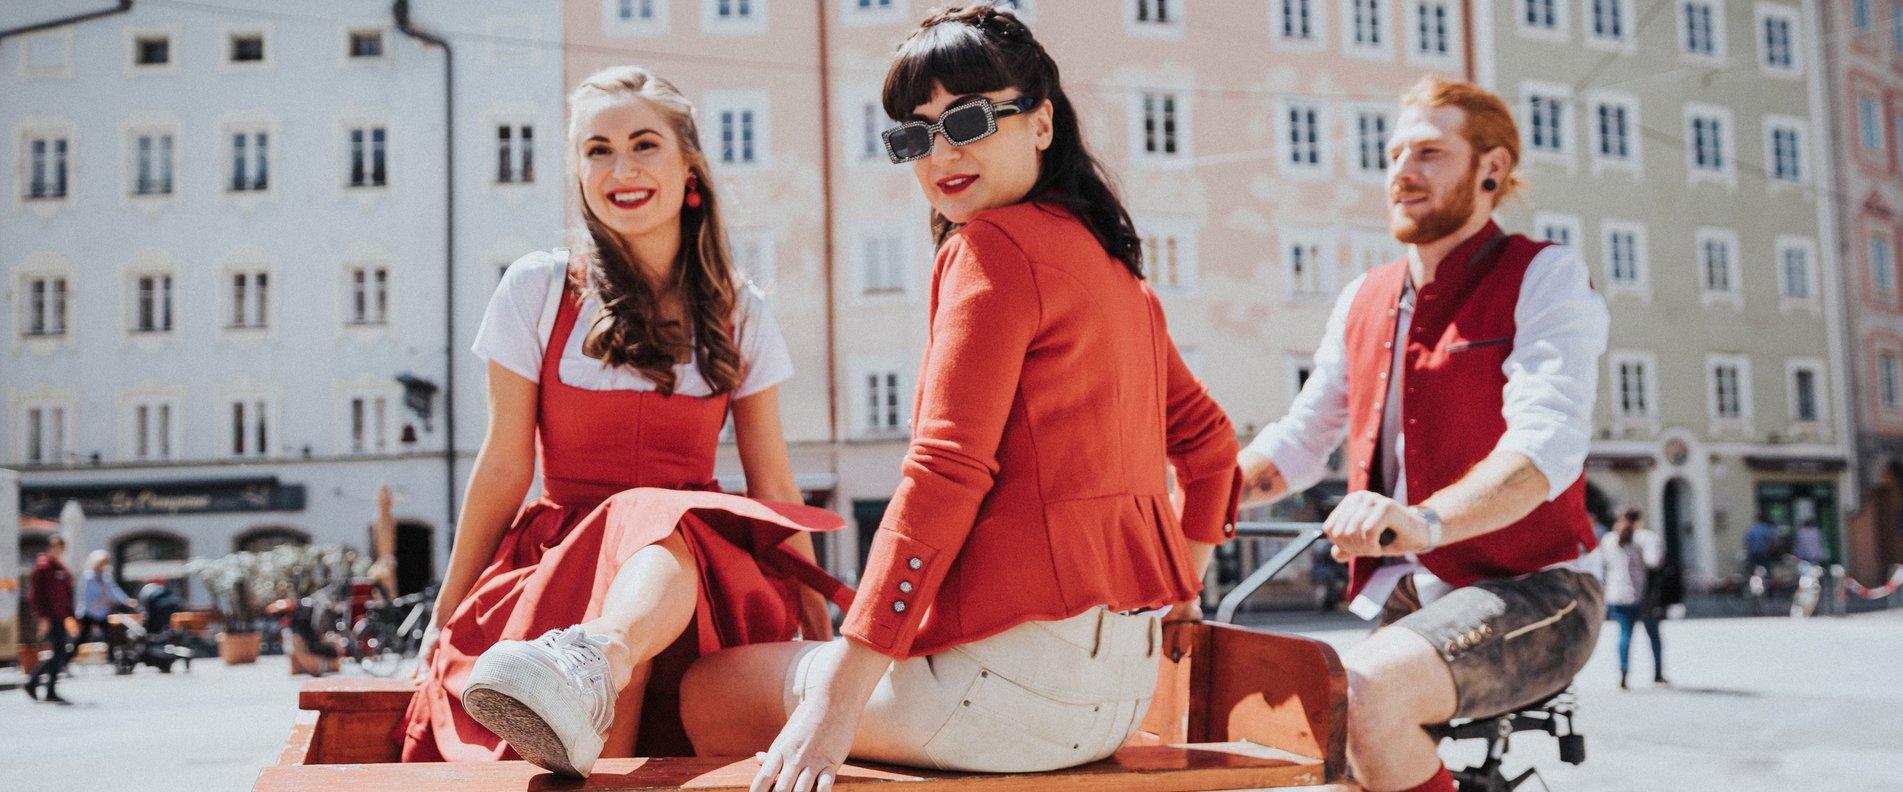 single sucht single in Salzburg - Bekanntschaften